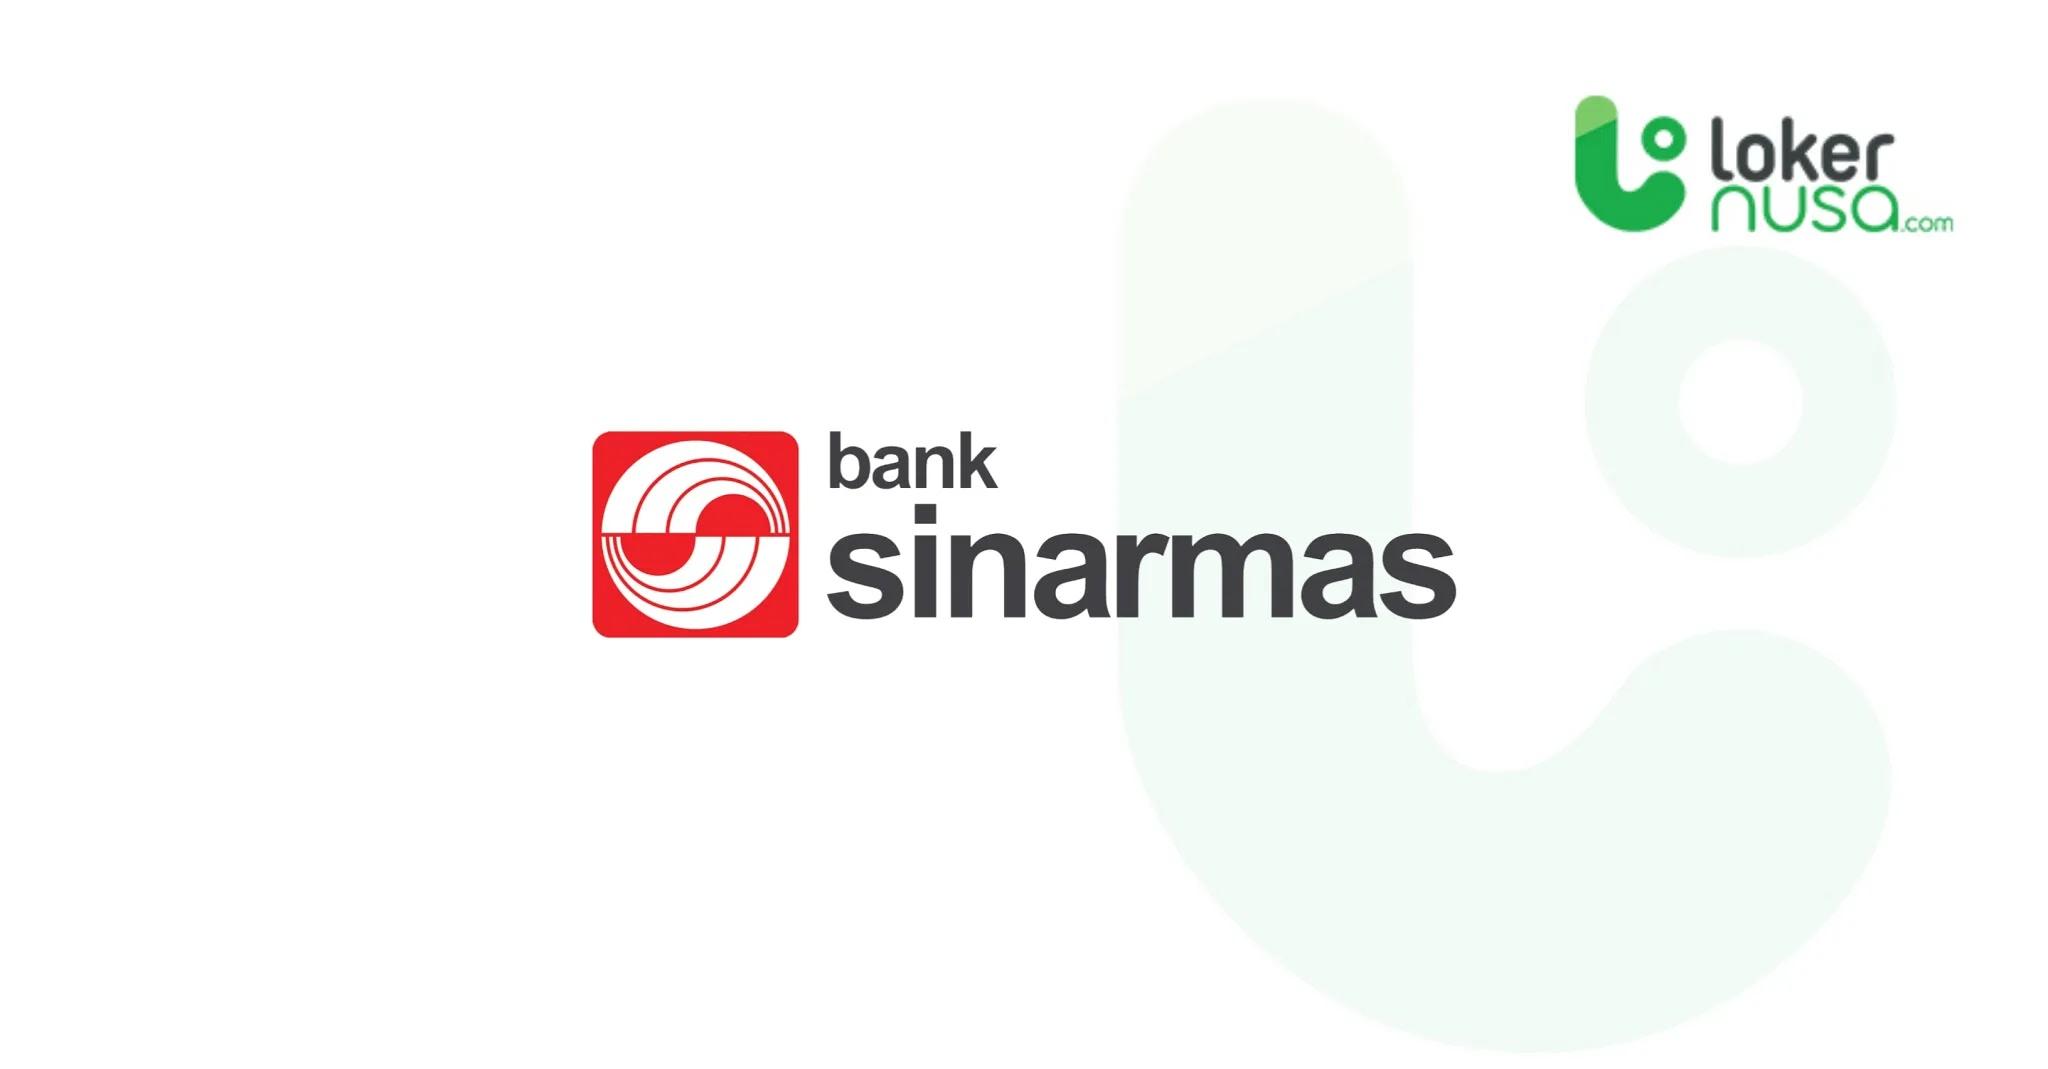 Lowongan Kerja Juli 2021 Bank Sinarmas